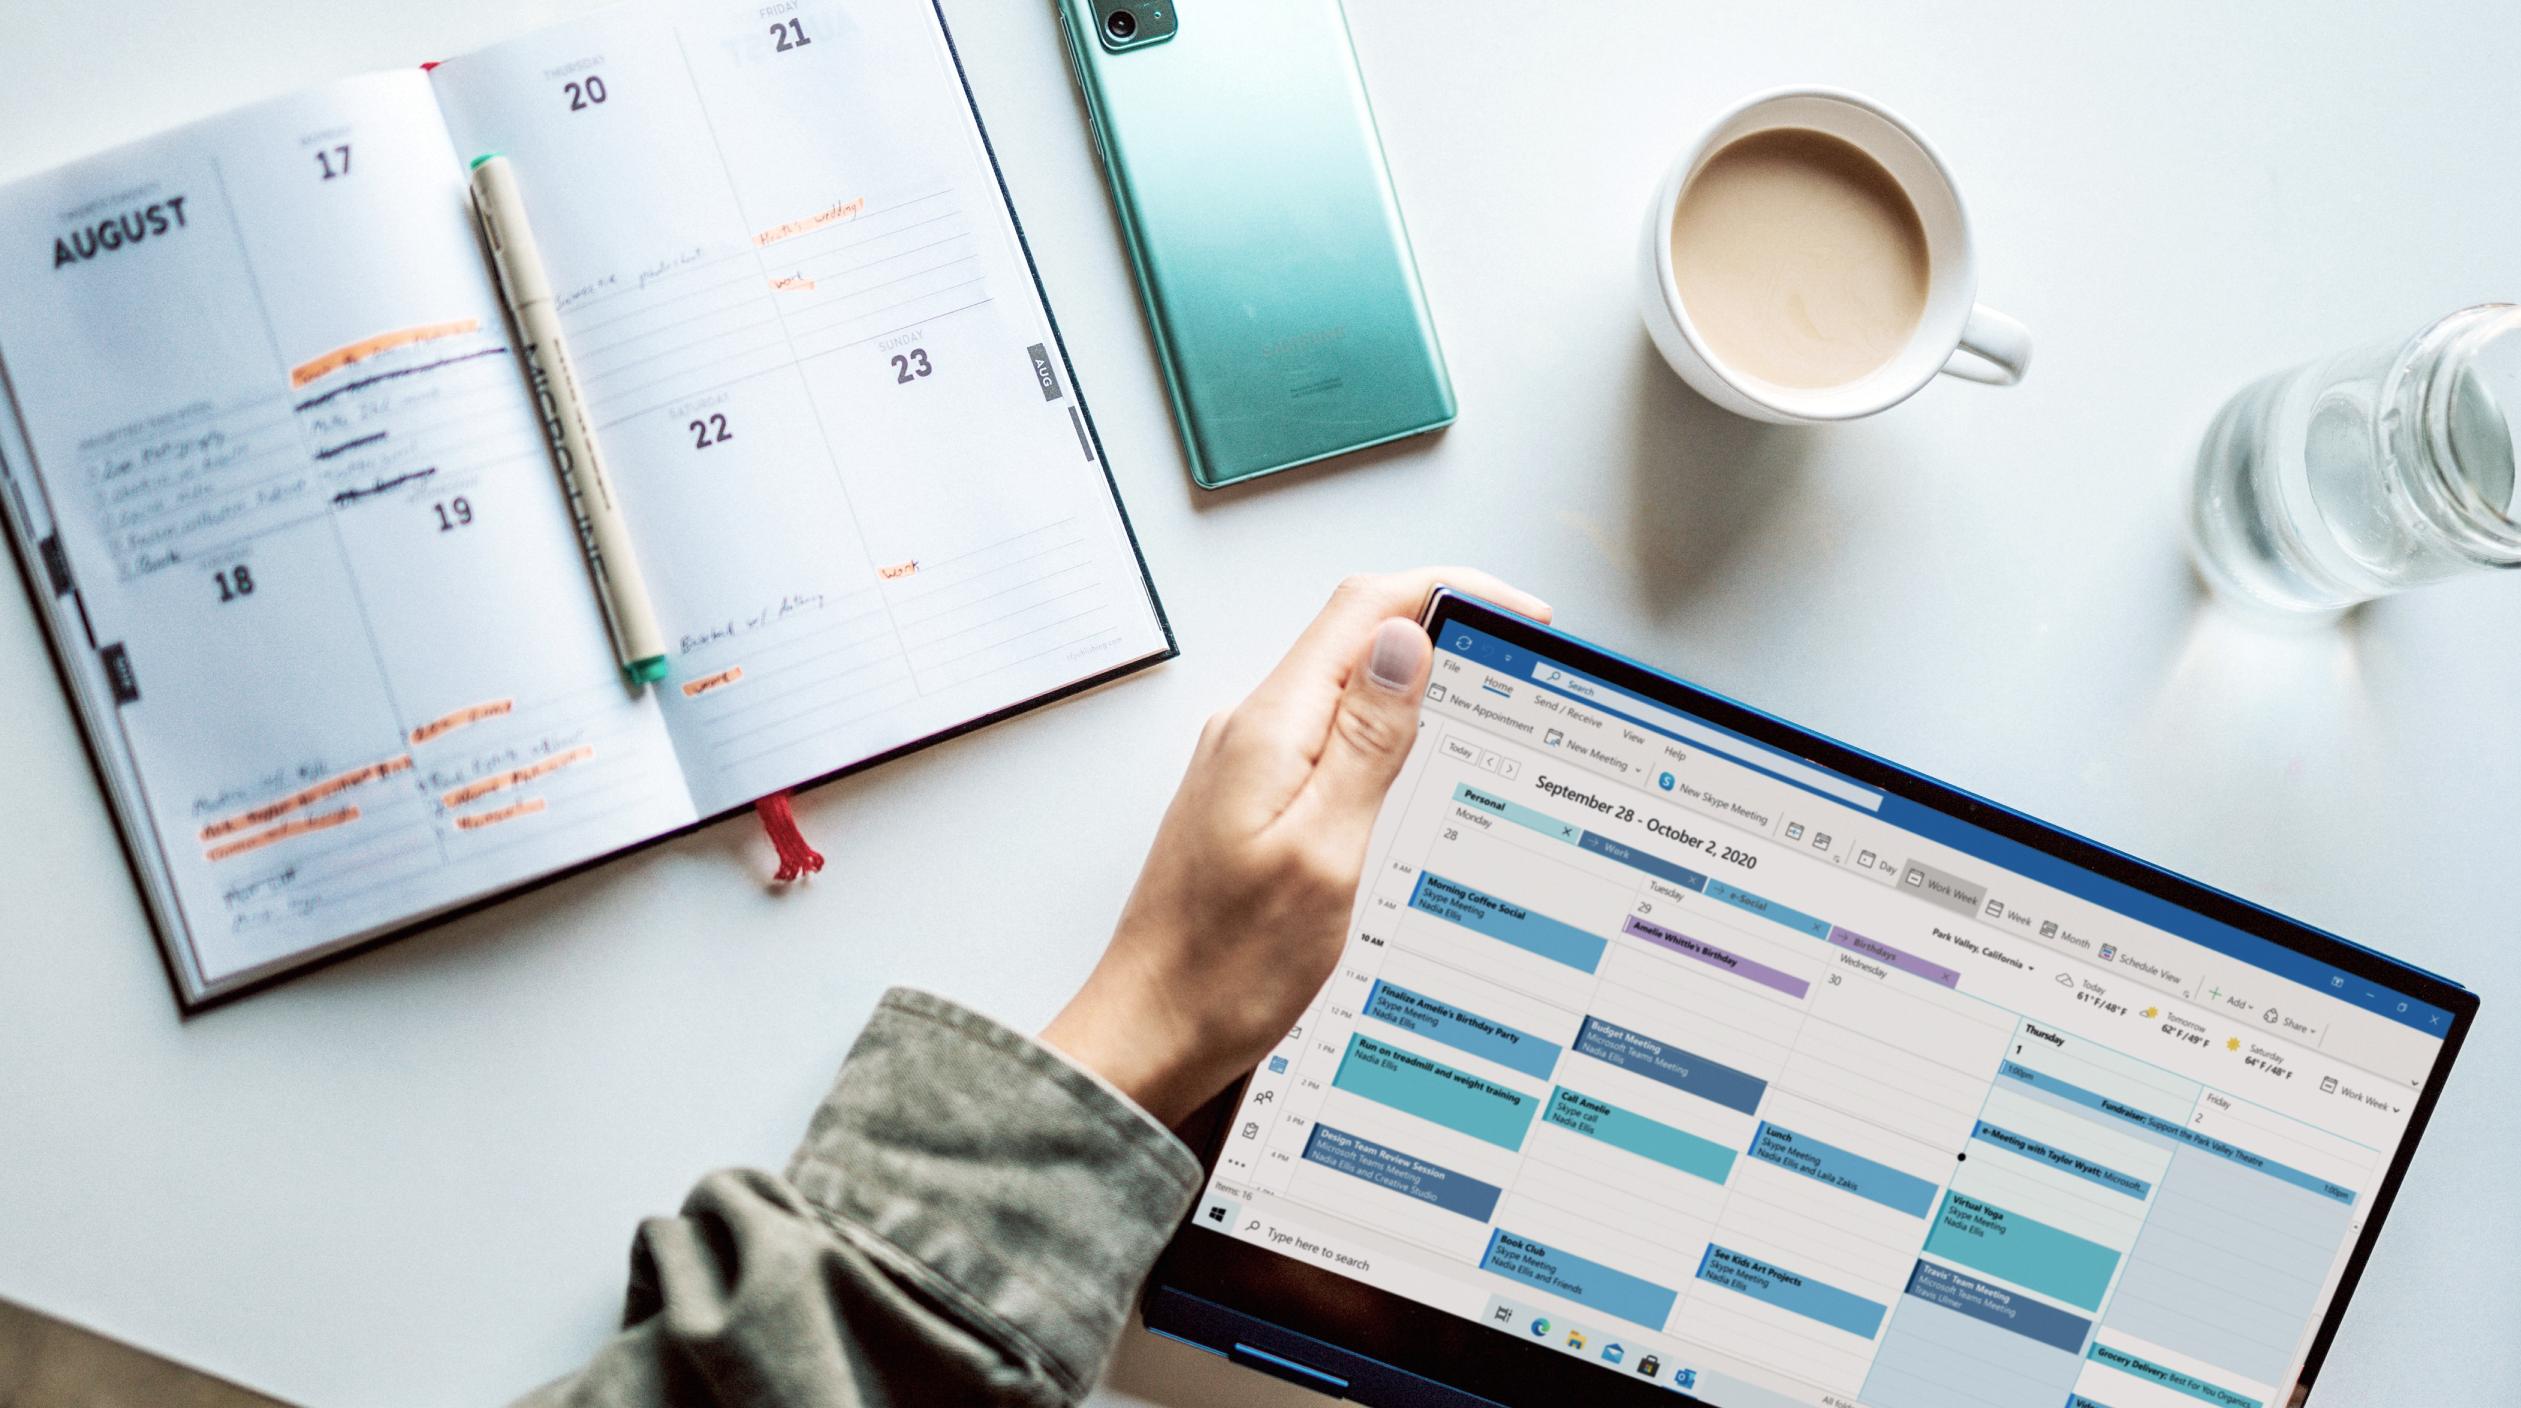 9 Best Marketing Calendar Software